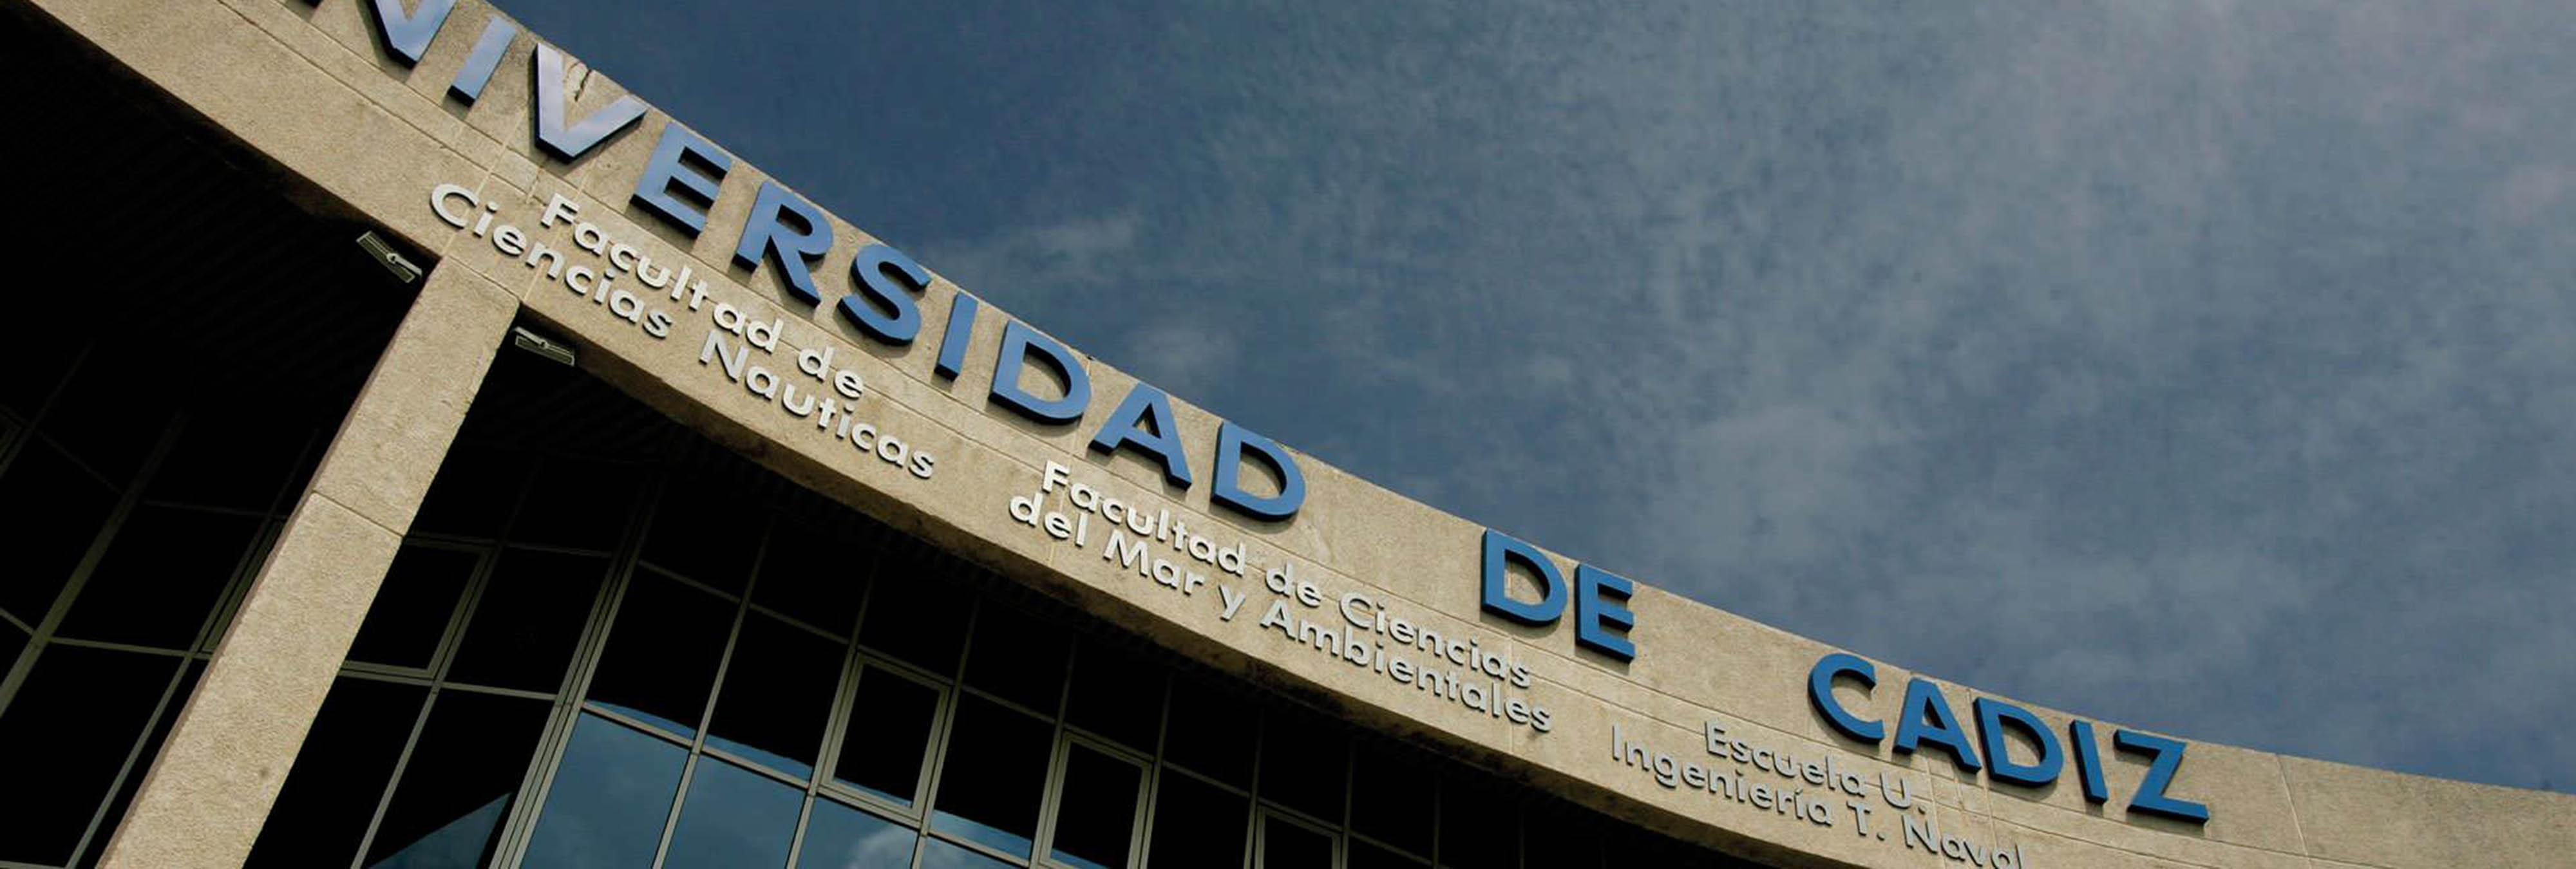 """Jokin de Irala, un catedrático que cree que los gays pueden """"curarse"""", dará una charla en la Universidad de Cádiz"""